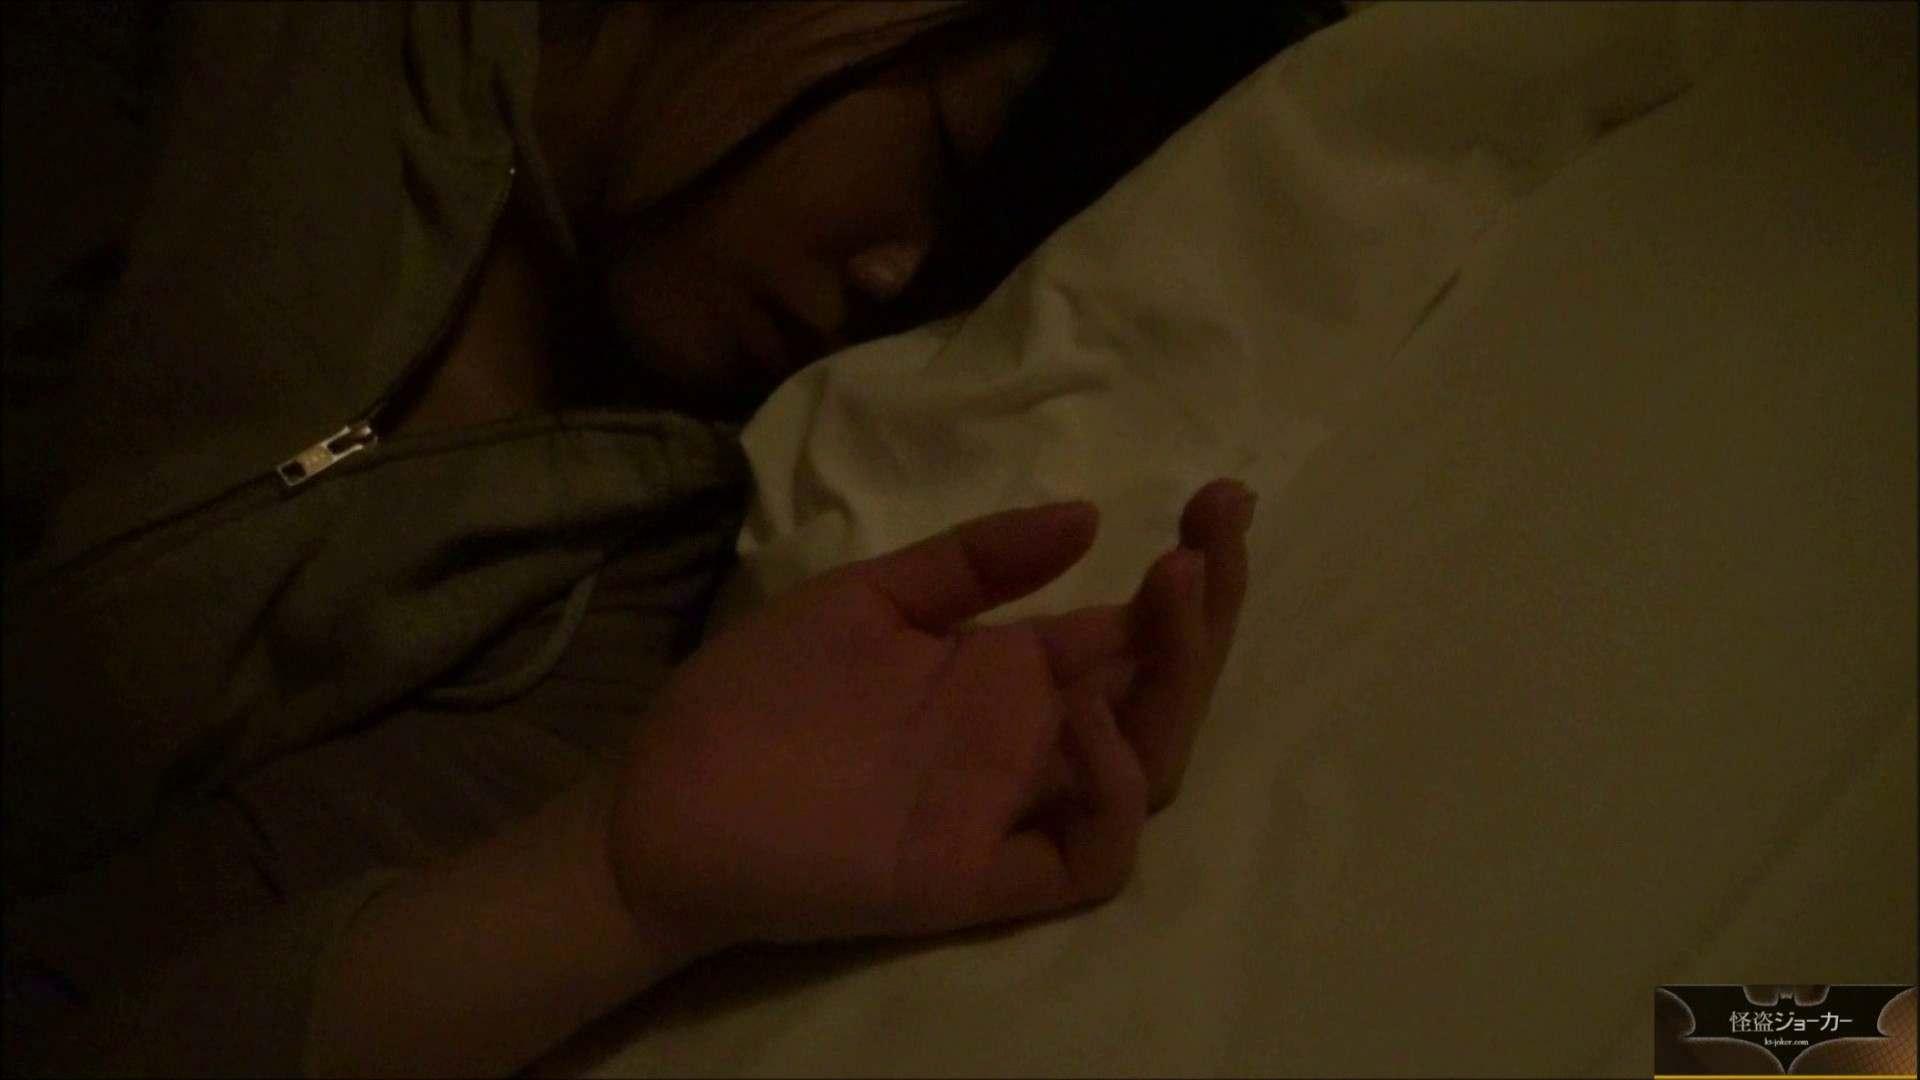 【未公開】vol.75 {関東某有名お嬢様JD}yuunaちゃん① ホテル  66Pix 2